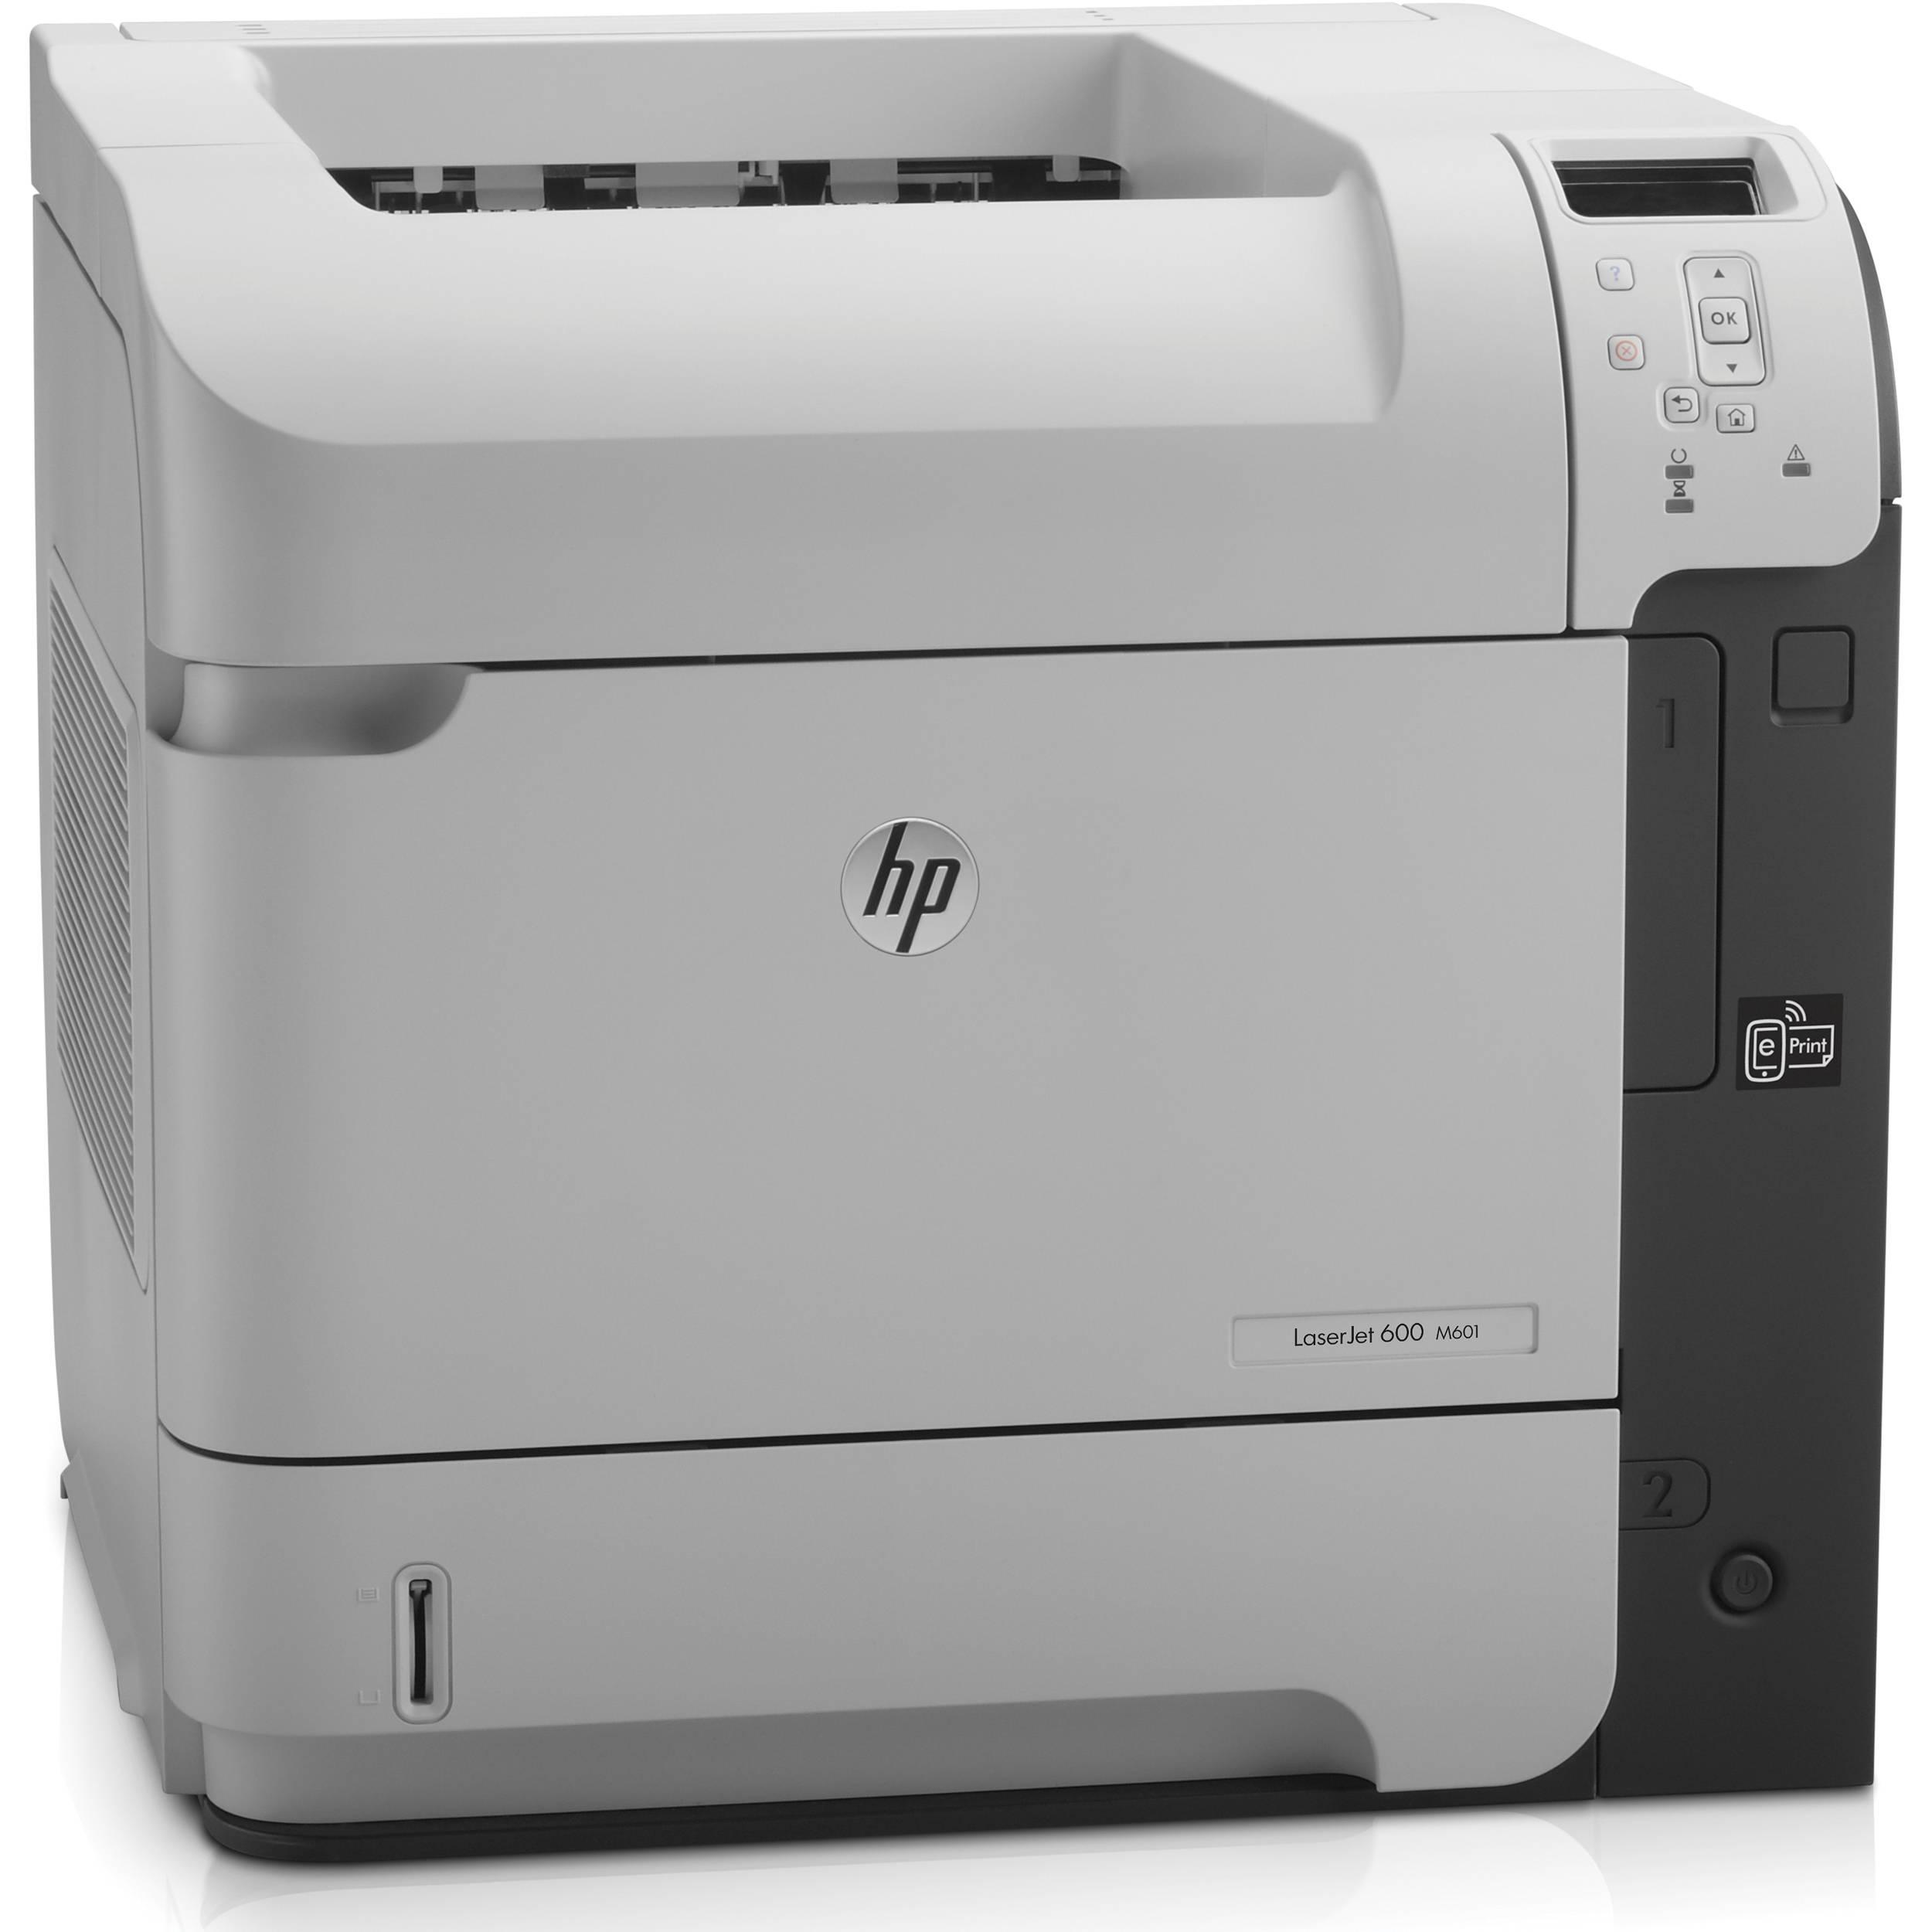 hewlett packard 8600 printer manual